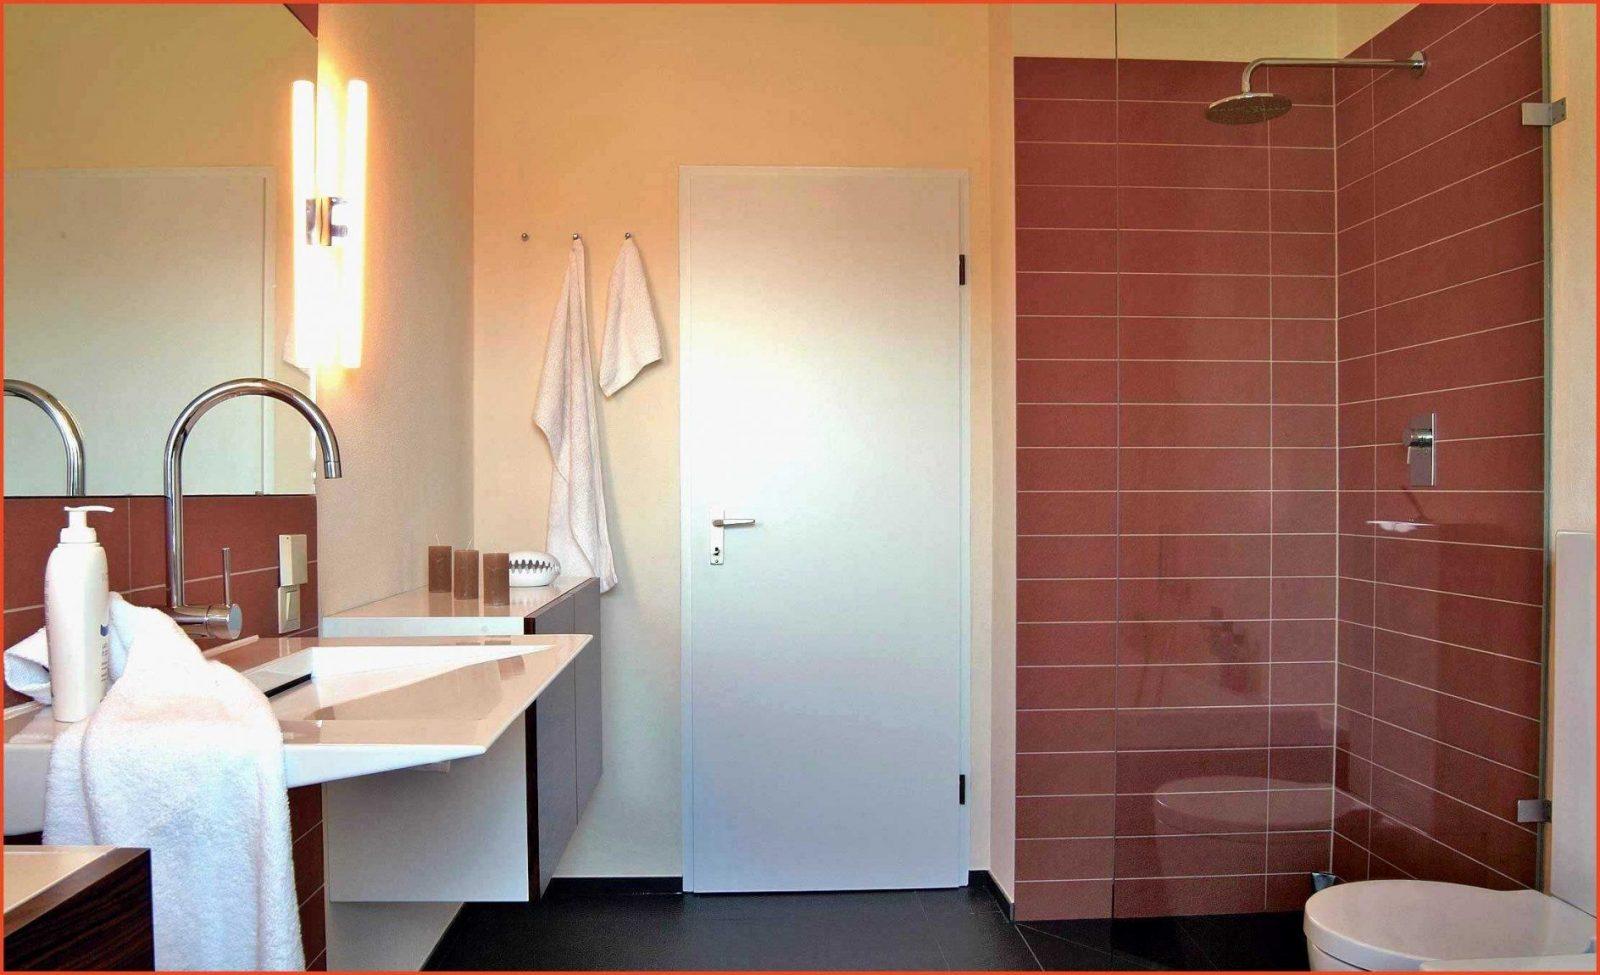 badezimmer renovieren ohne fliesen | badezimmer renovieren ohne